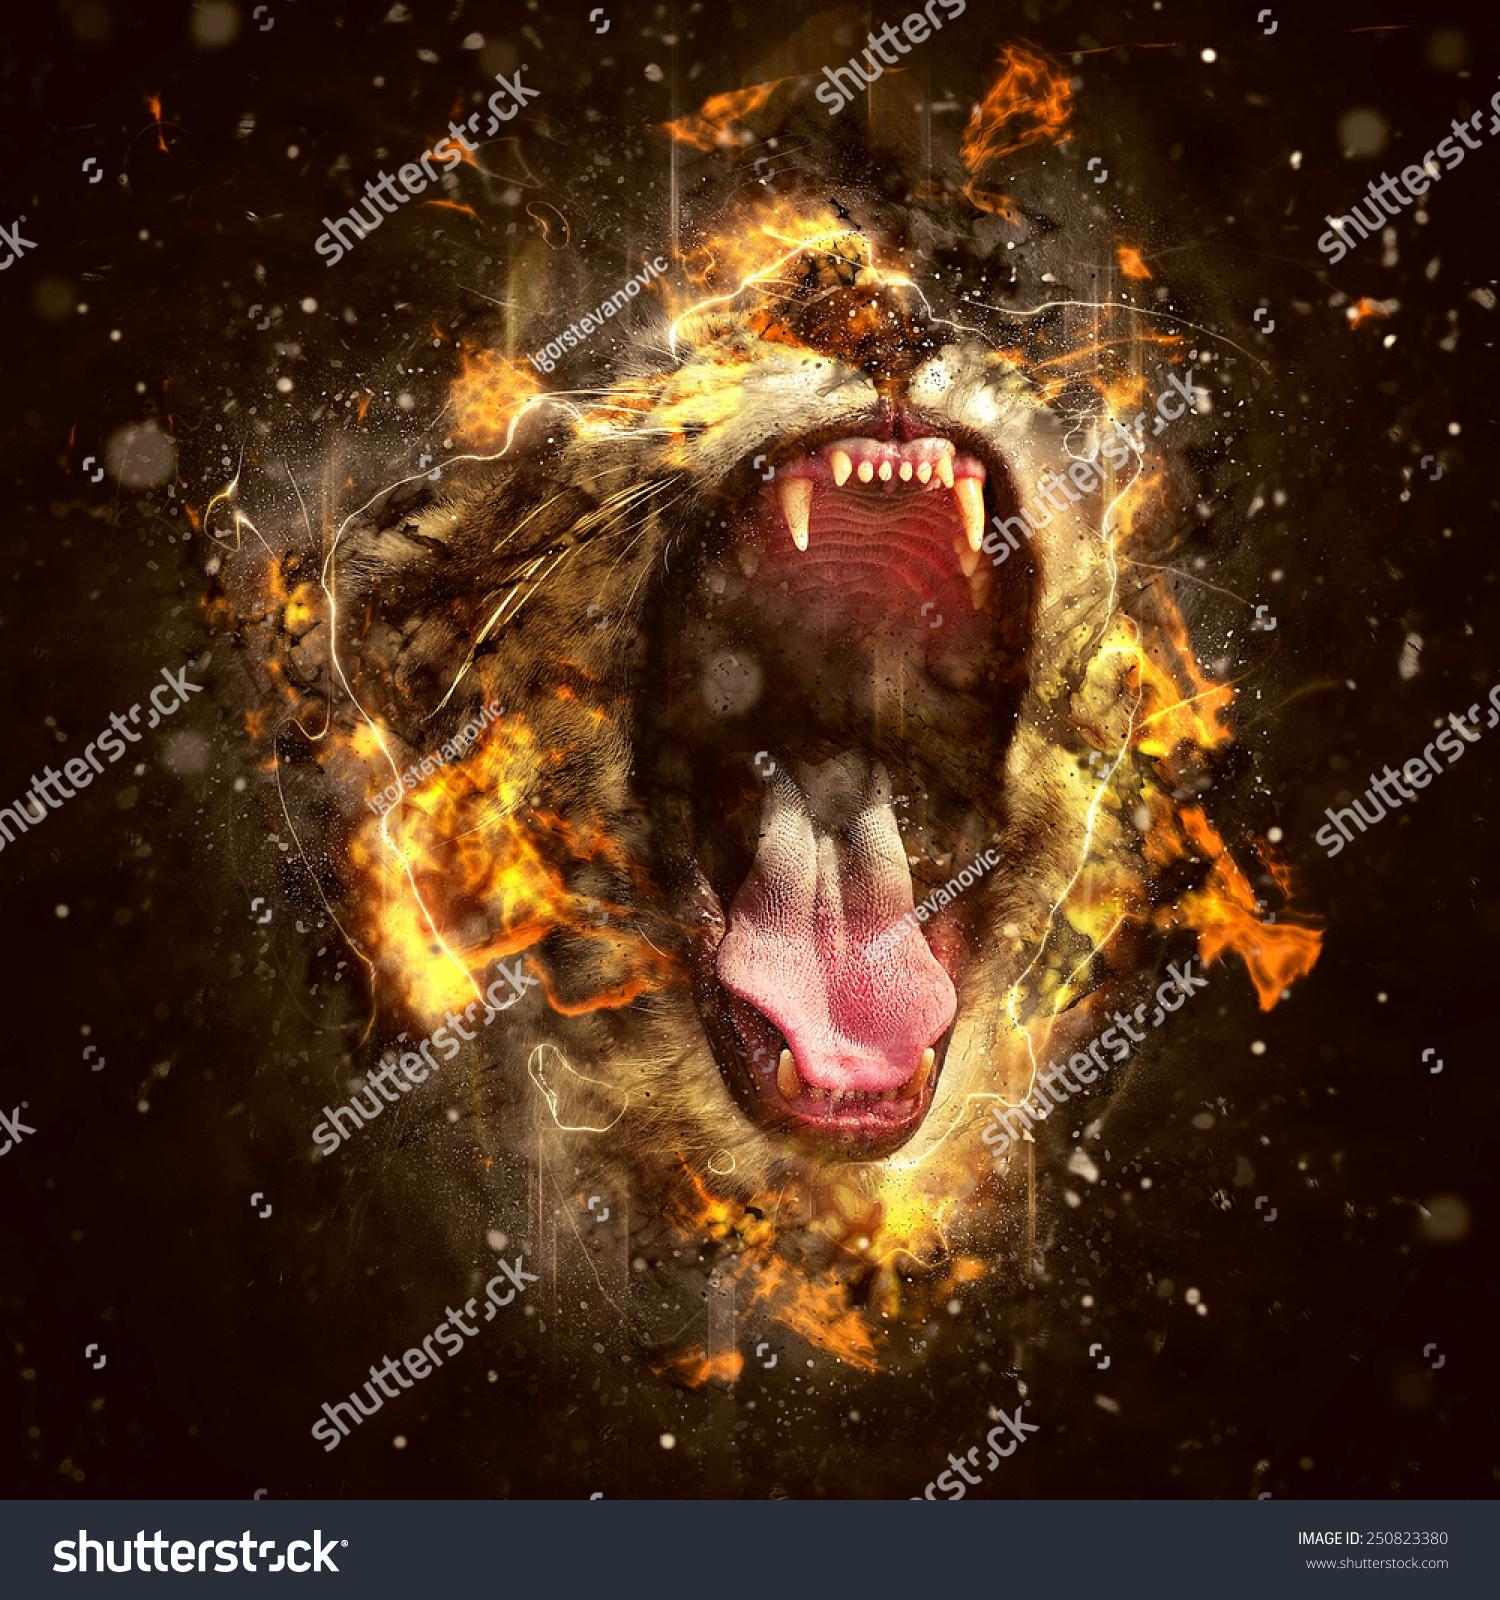 狮子,百兽之王,世界上最危险的动物.-动物/野生生物